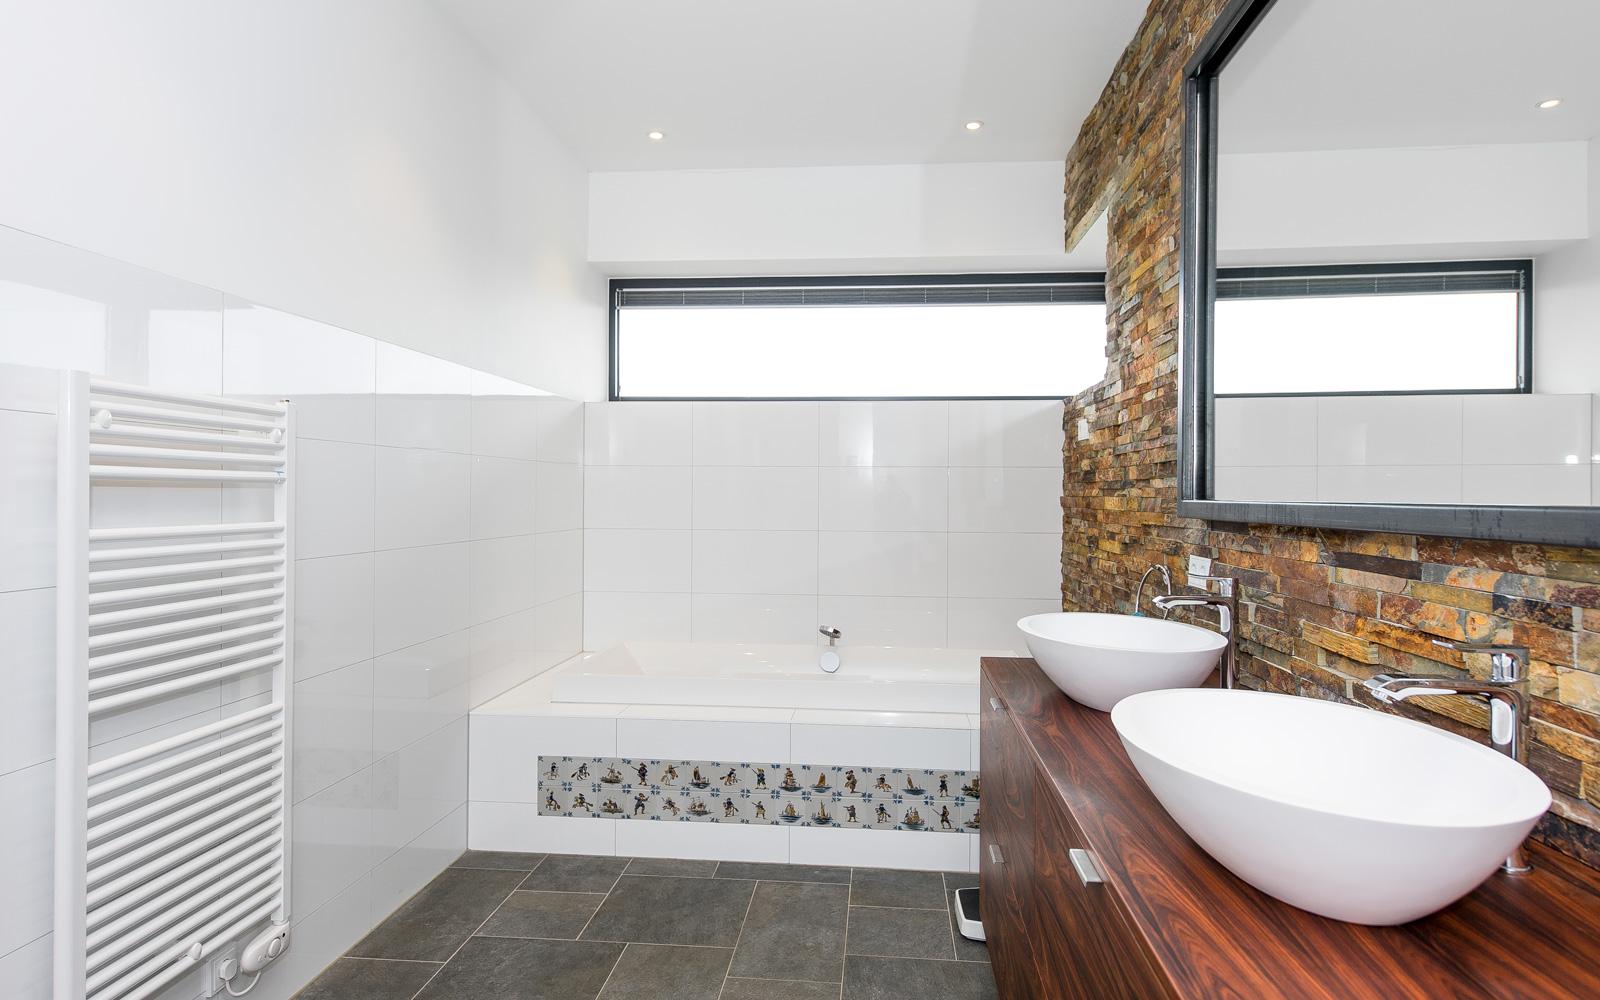 Frank Pouwer Historische Bouwmaterialen heeft ook in de badkamer uitzonderlijk werk geleverd.